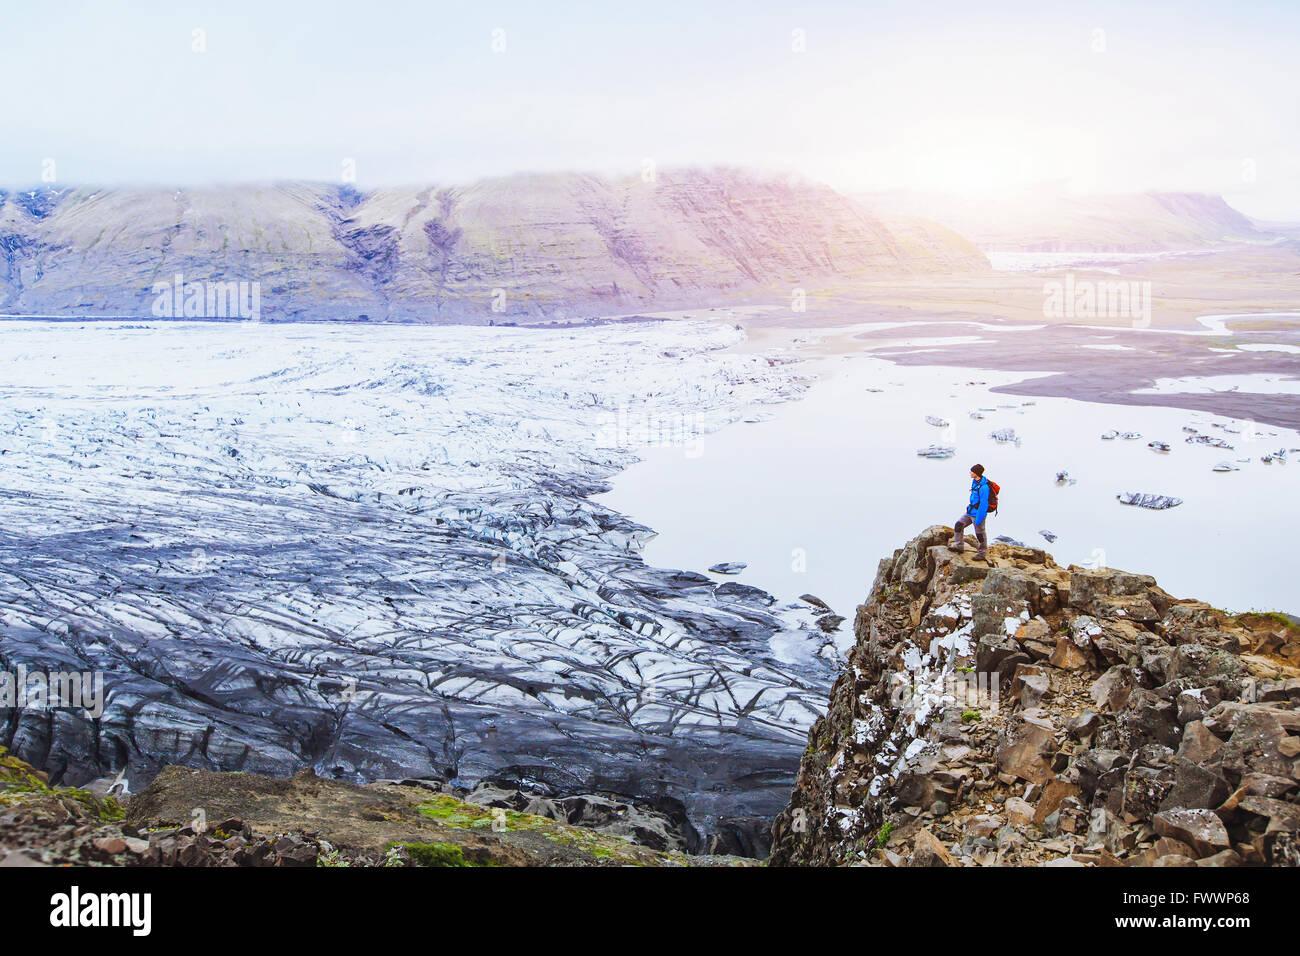 Senderismo en invierno, mochileros disfrutando del paisaje panorámico del glaciar en Islandia al atardecer Imagen De Stock